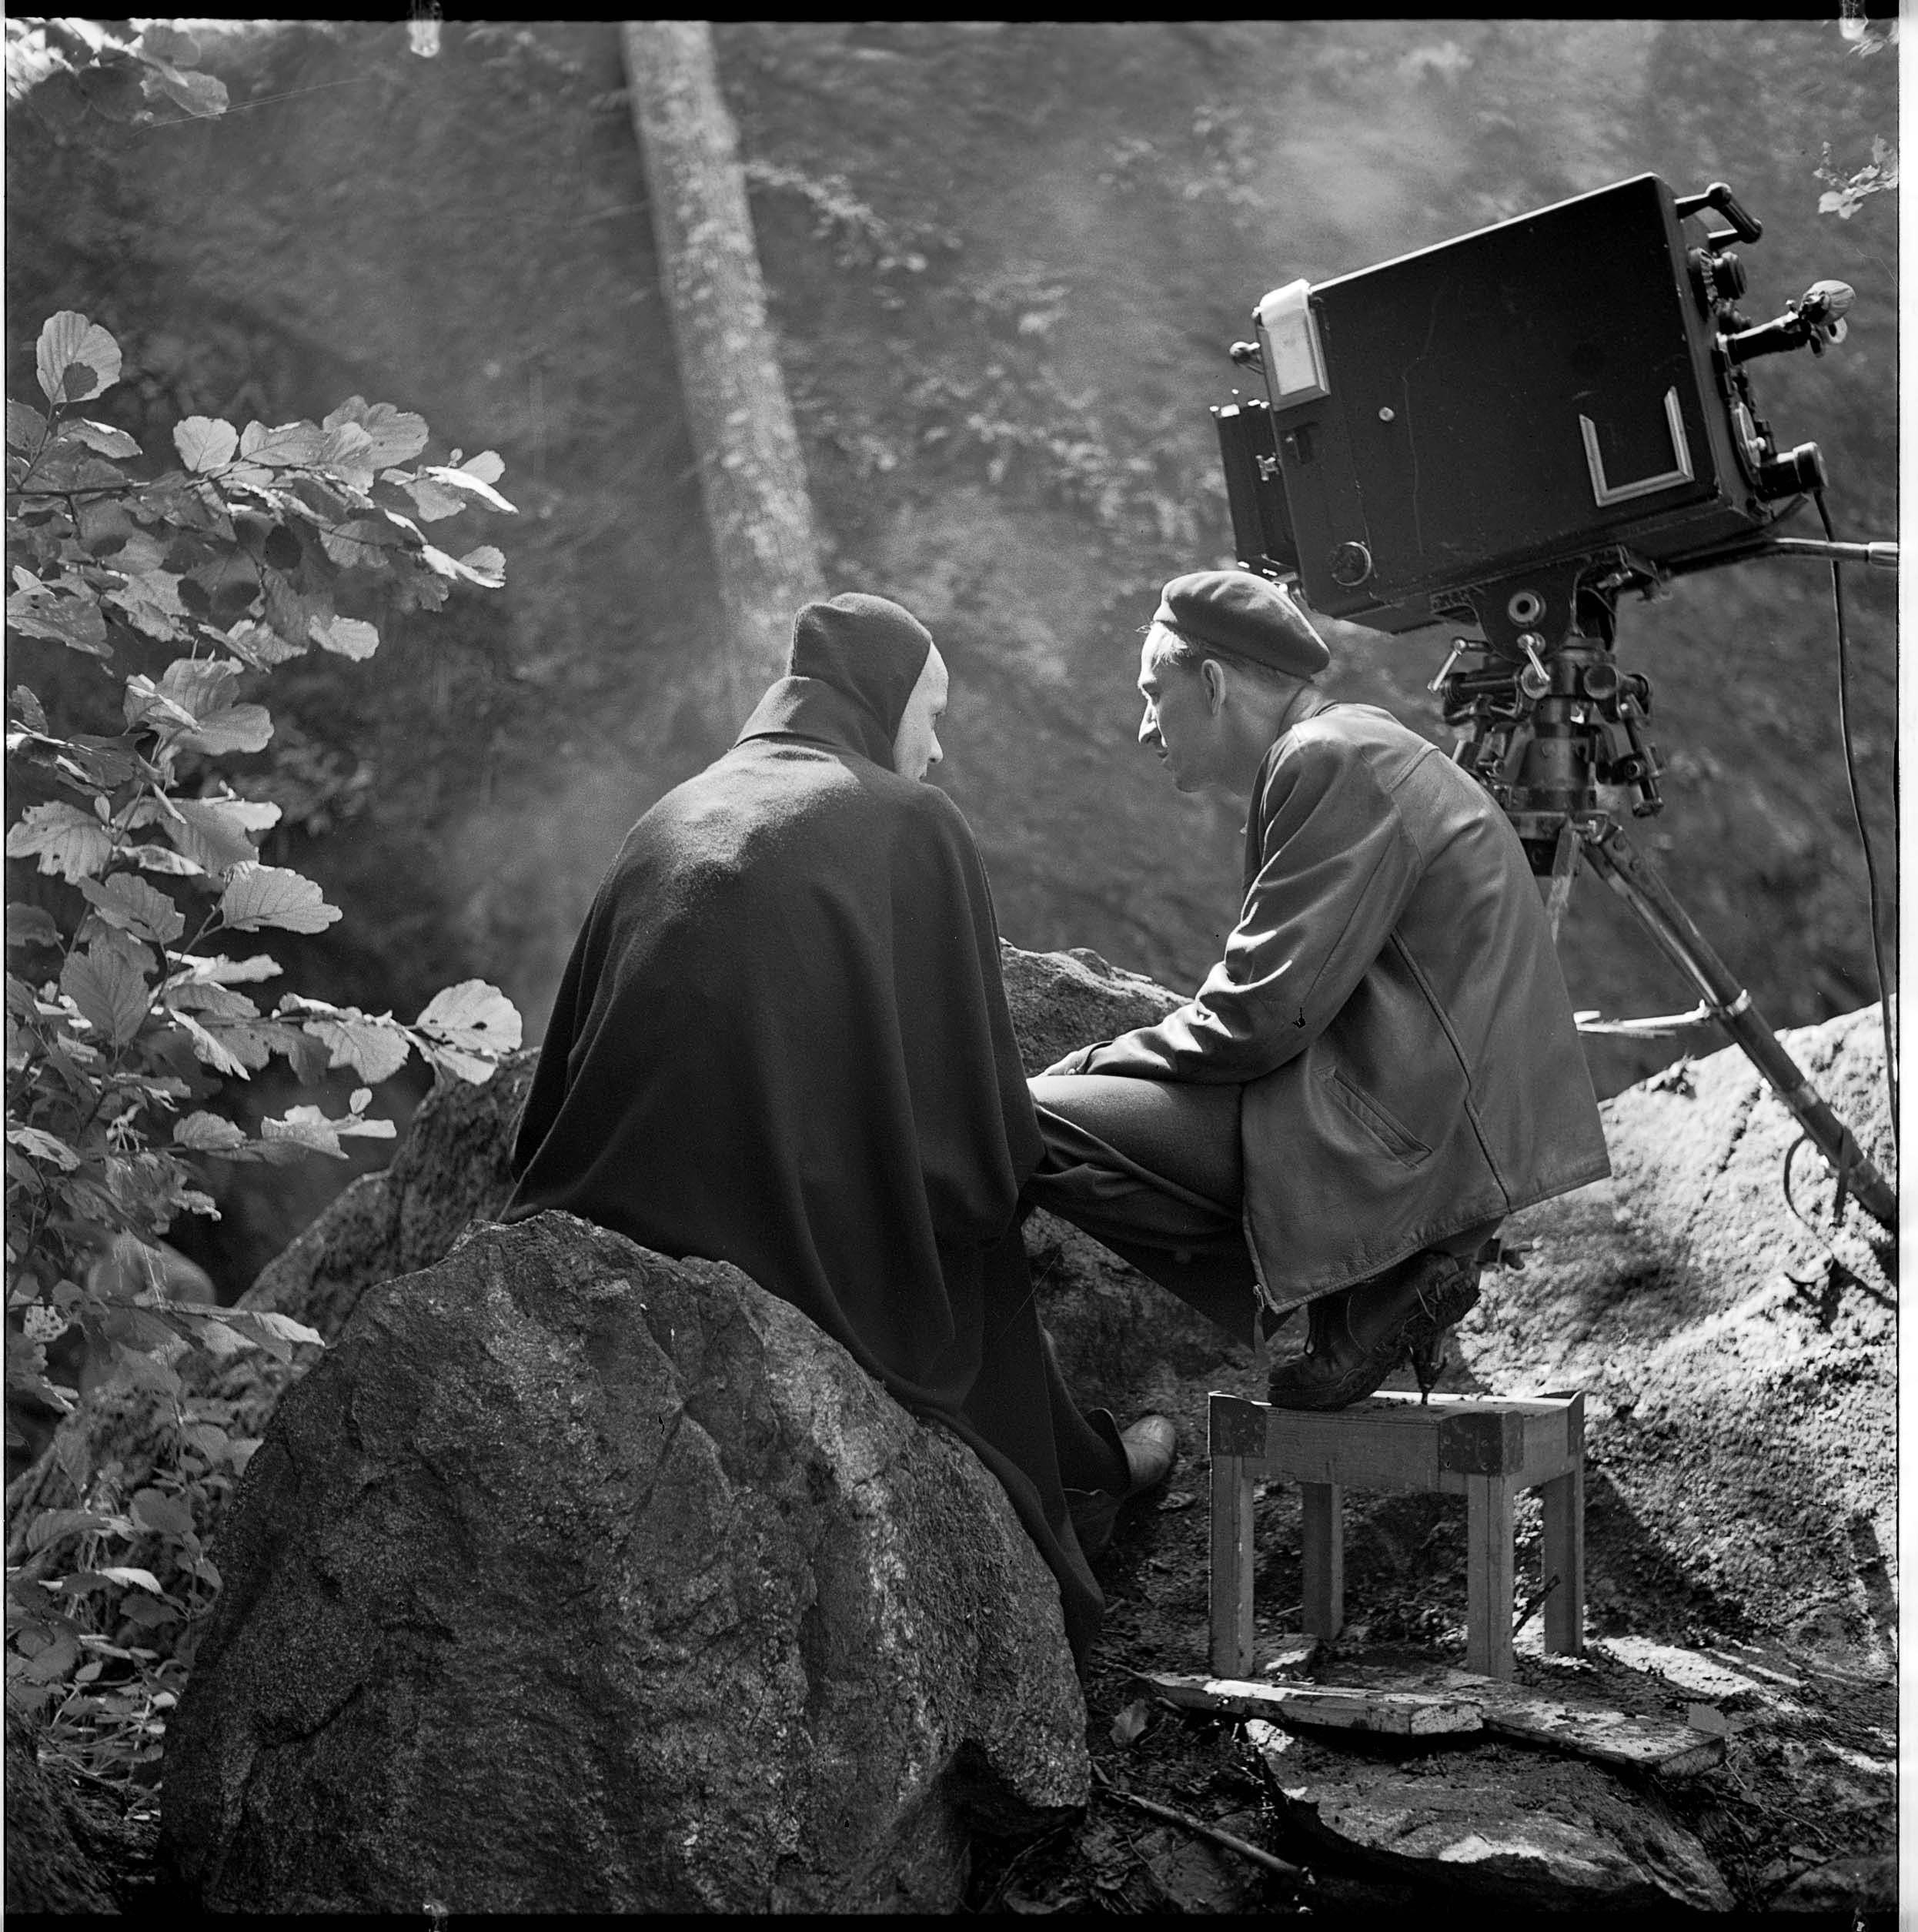 Fra innspillingen av  Det 7. inseglet . Regissør Ingmar Bergman, som led av dødsangst, instruerer Bengt Ekerot i rollen som Døden.